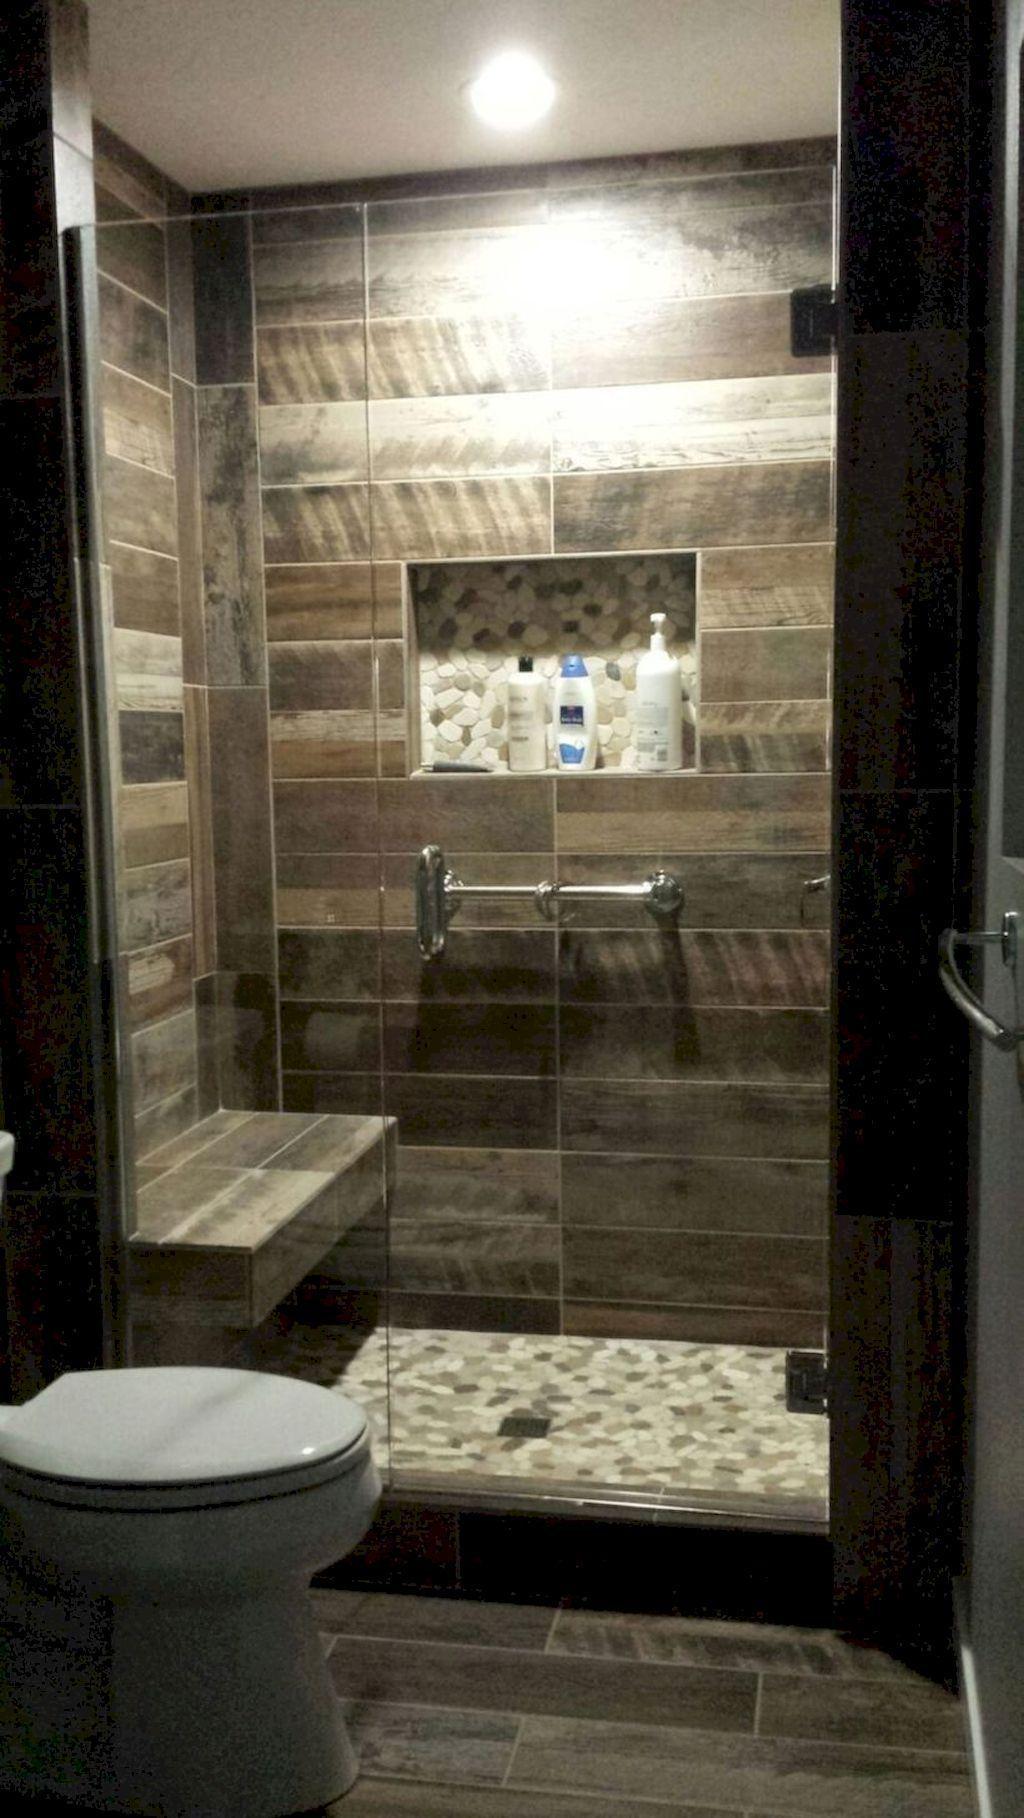 38 genius tiny house bathroom shower design ideas | Flooring ... on half bathroom spa, half bathroom curtain, half bathroom countertops, half bathroom sinks,